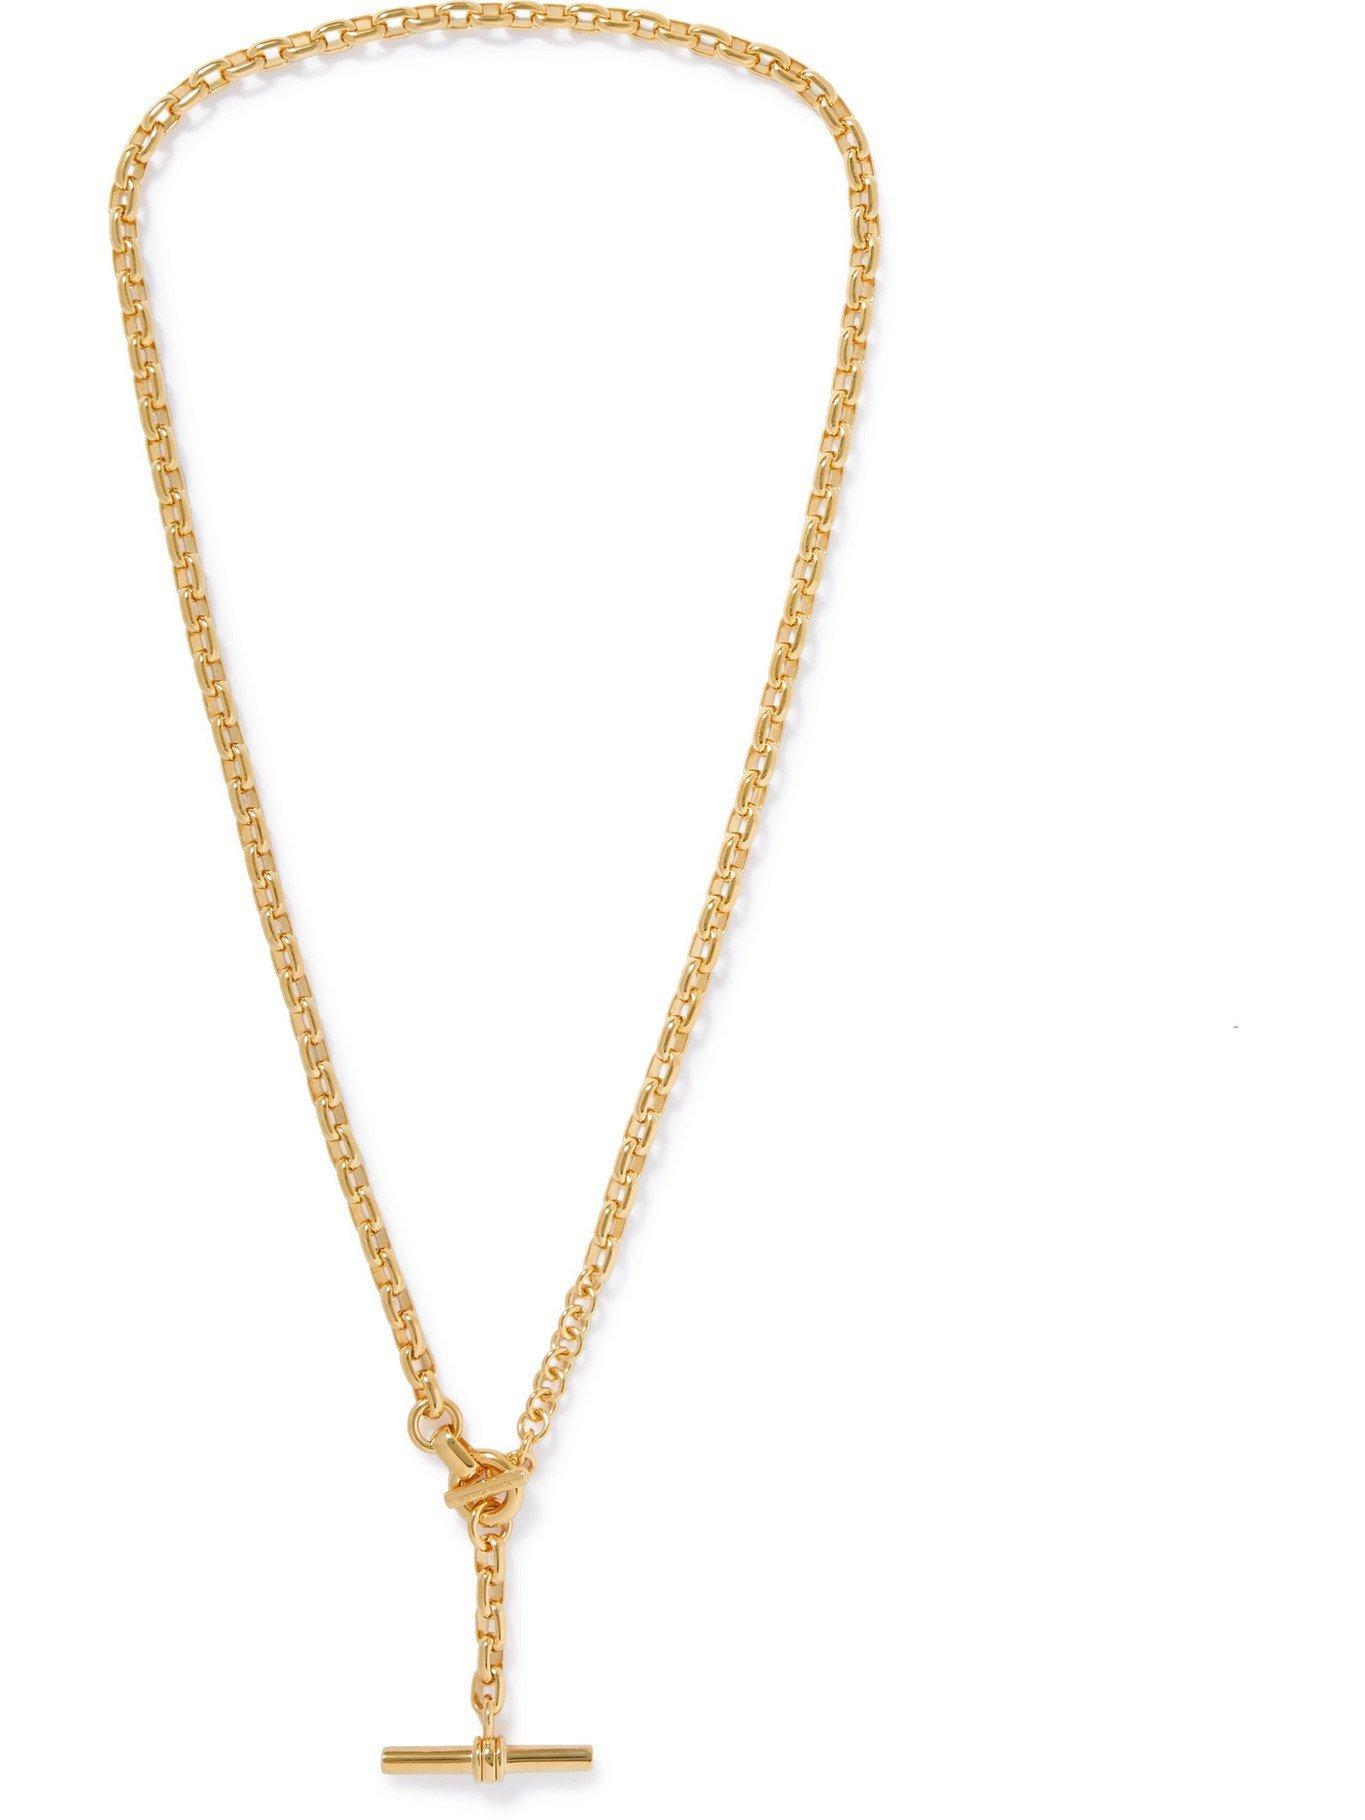 Photo: BOTTEGA VENETA - Gold-Plated Necklace - Gold